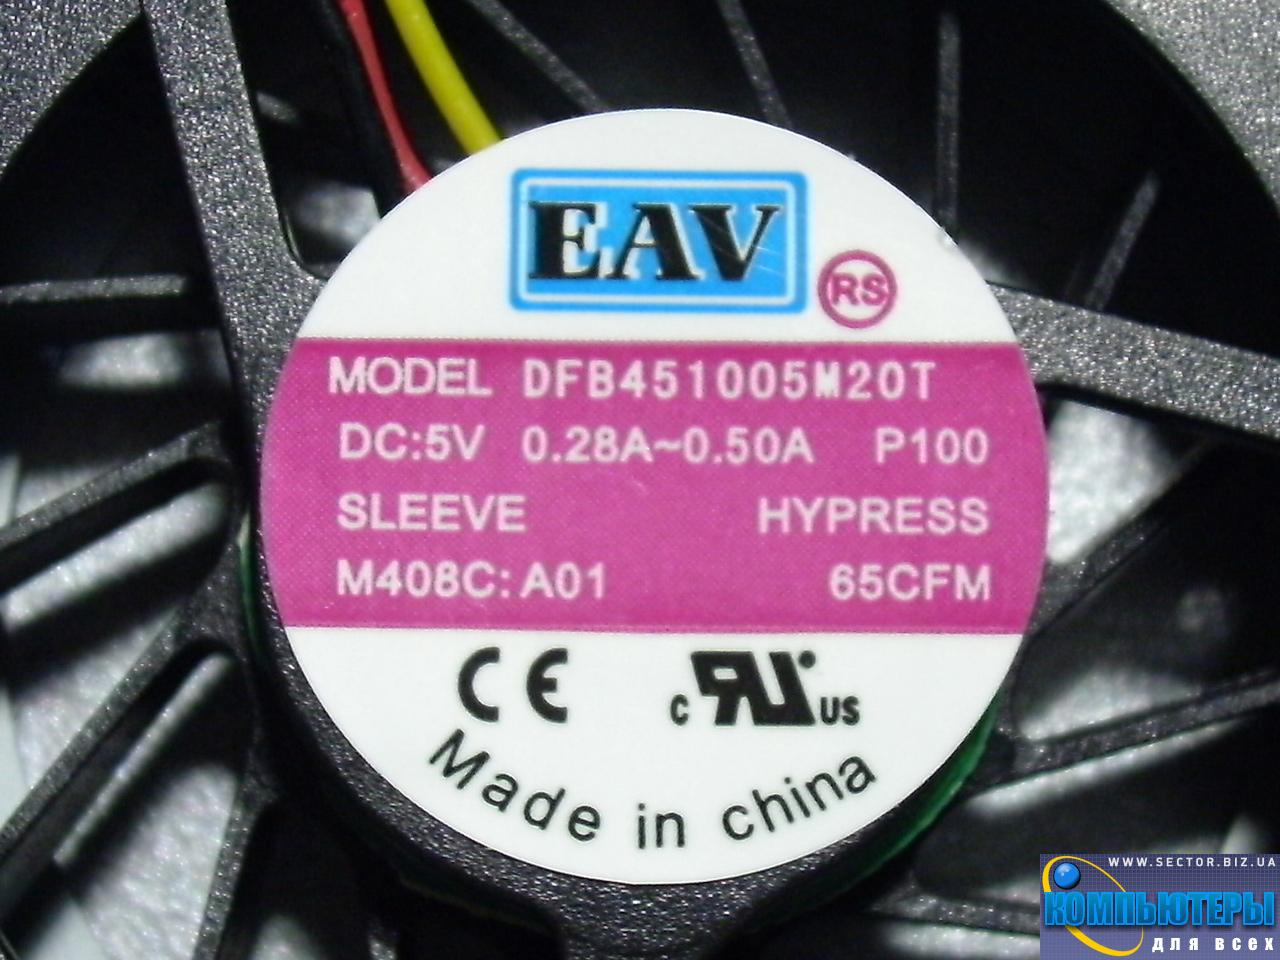 Кулер к ноутбуку HP Compaq 540 541 6510b 6515b 6520s 6530b 6710b 6710s 6715s 6715b p/n: DFB451005M20T. Фото № 3.